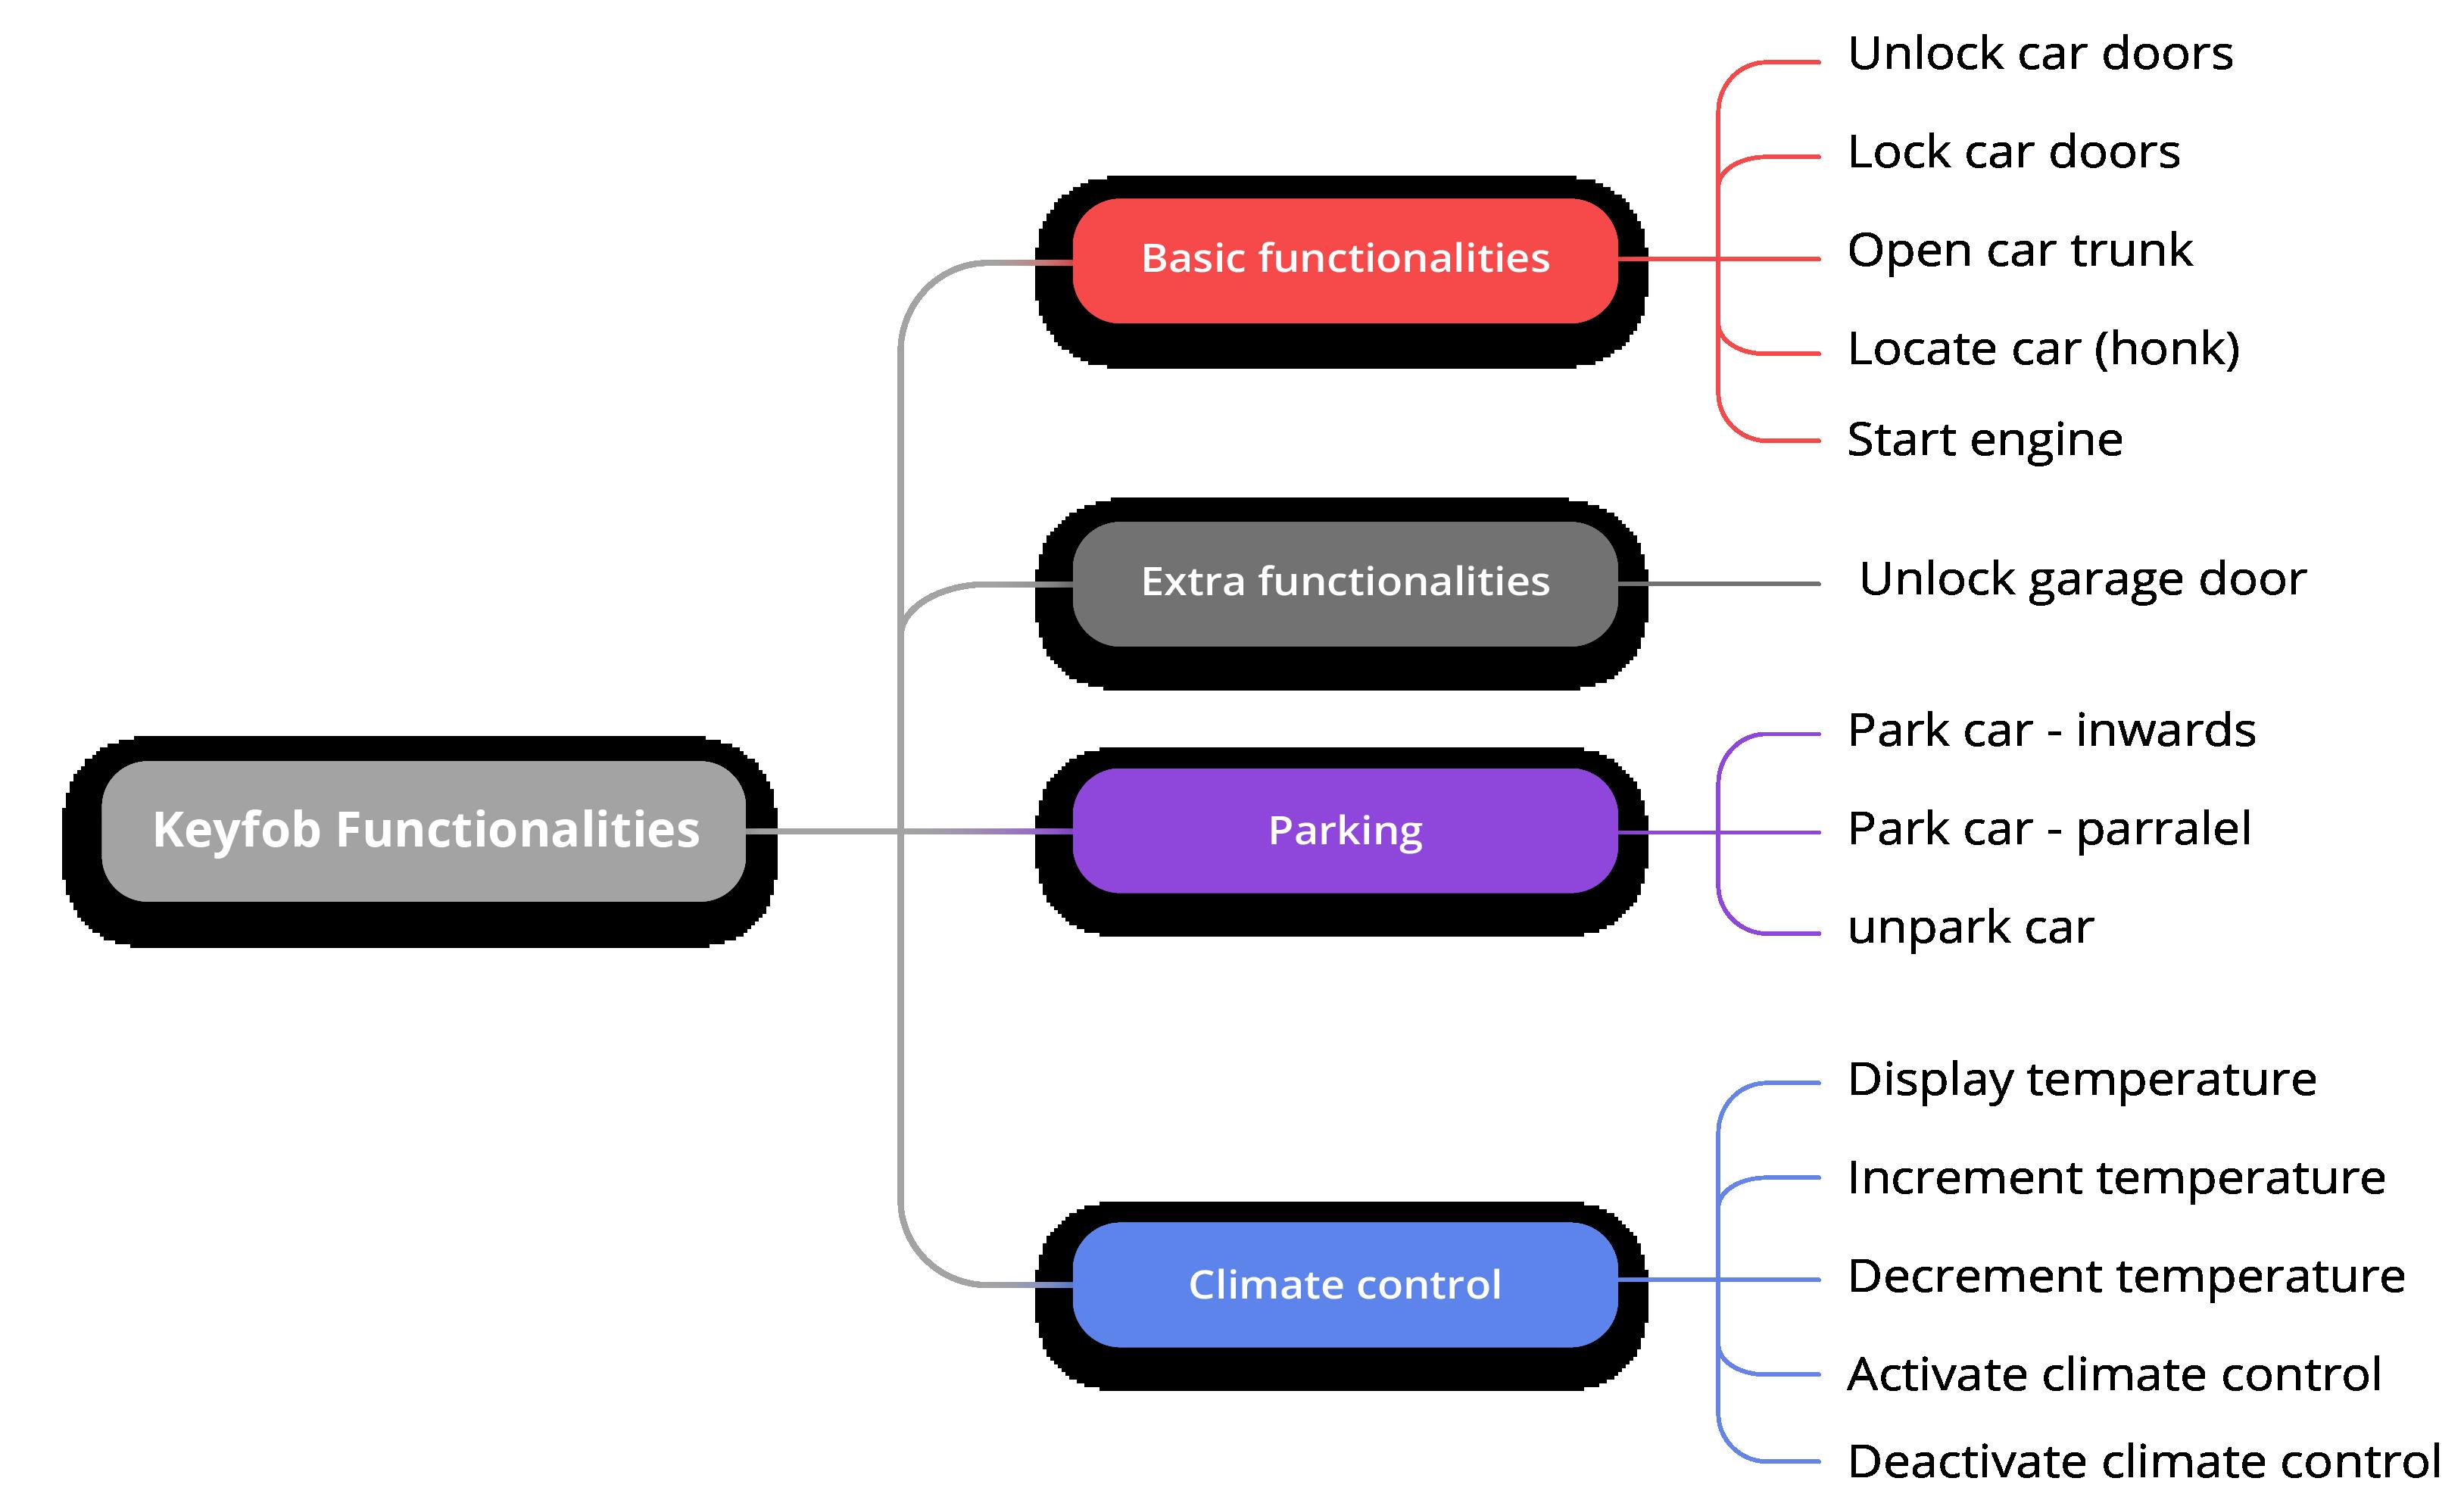 Keyfob Function categorisation